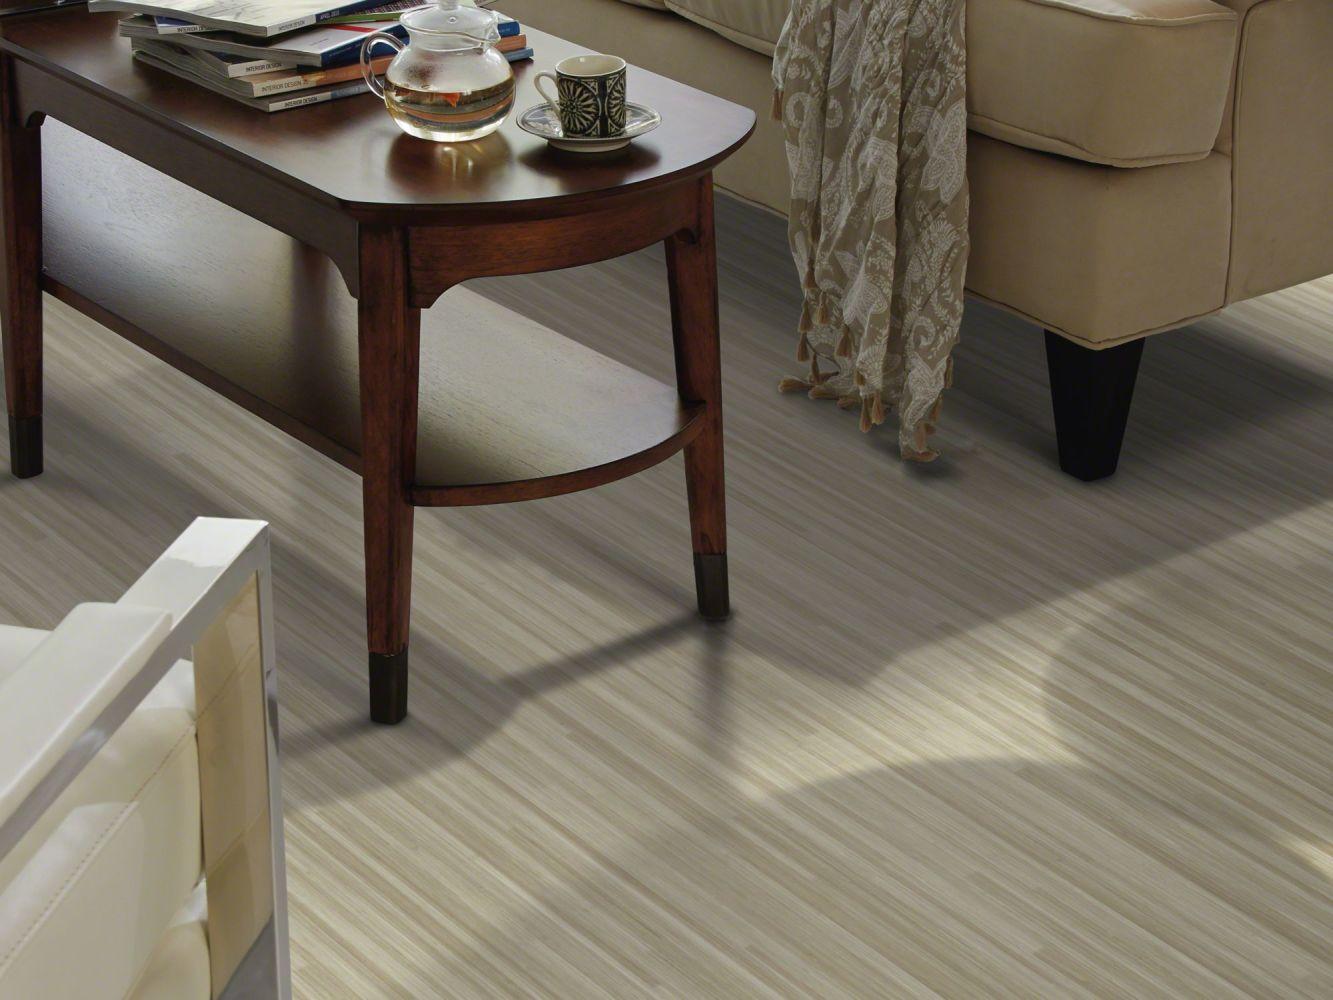 Shaw Floors Vinyl Residential Cascades 12c Adams 00140_0610V